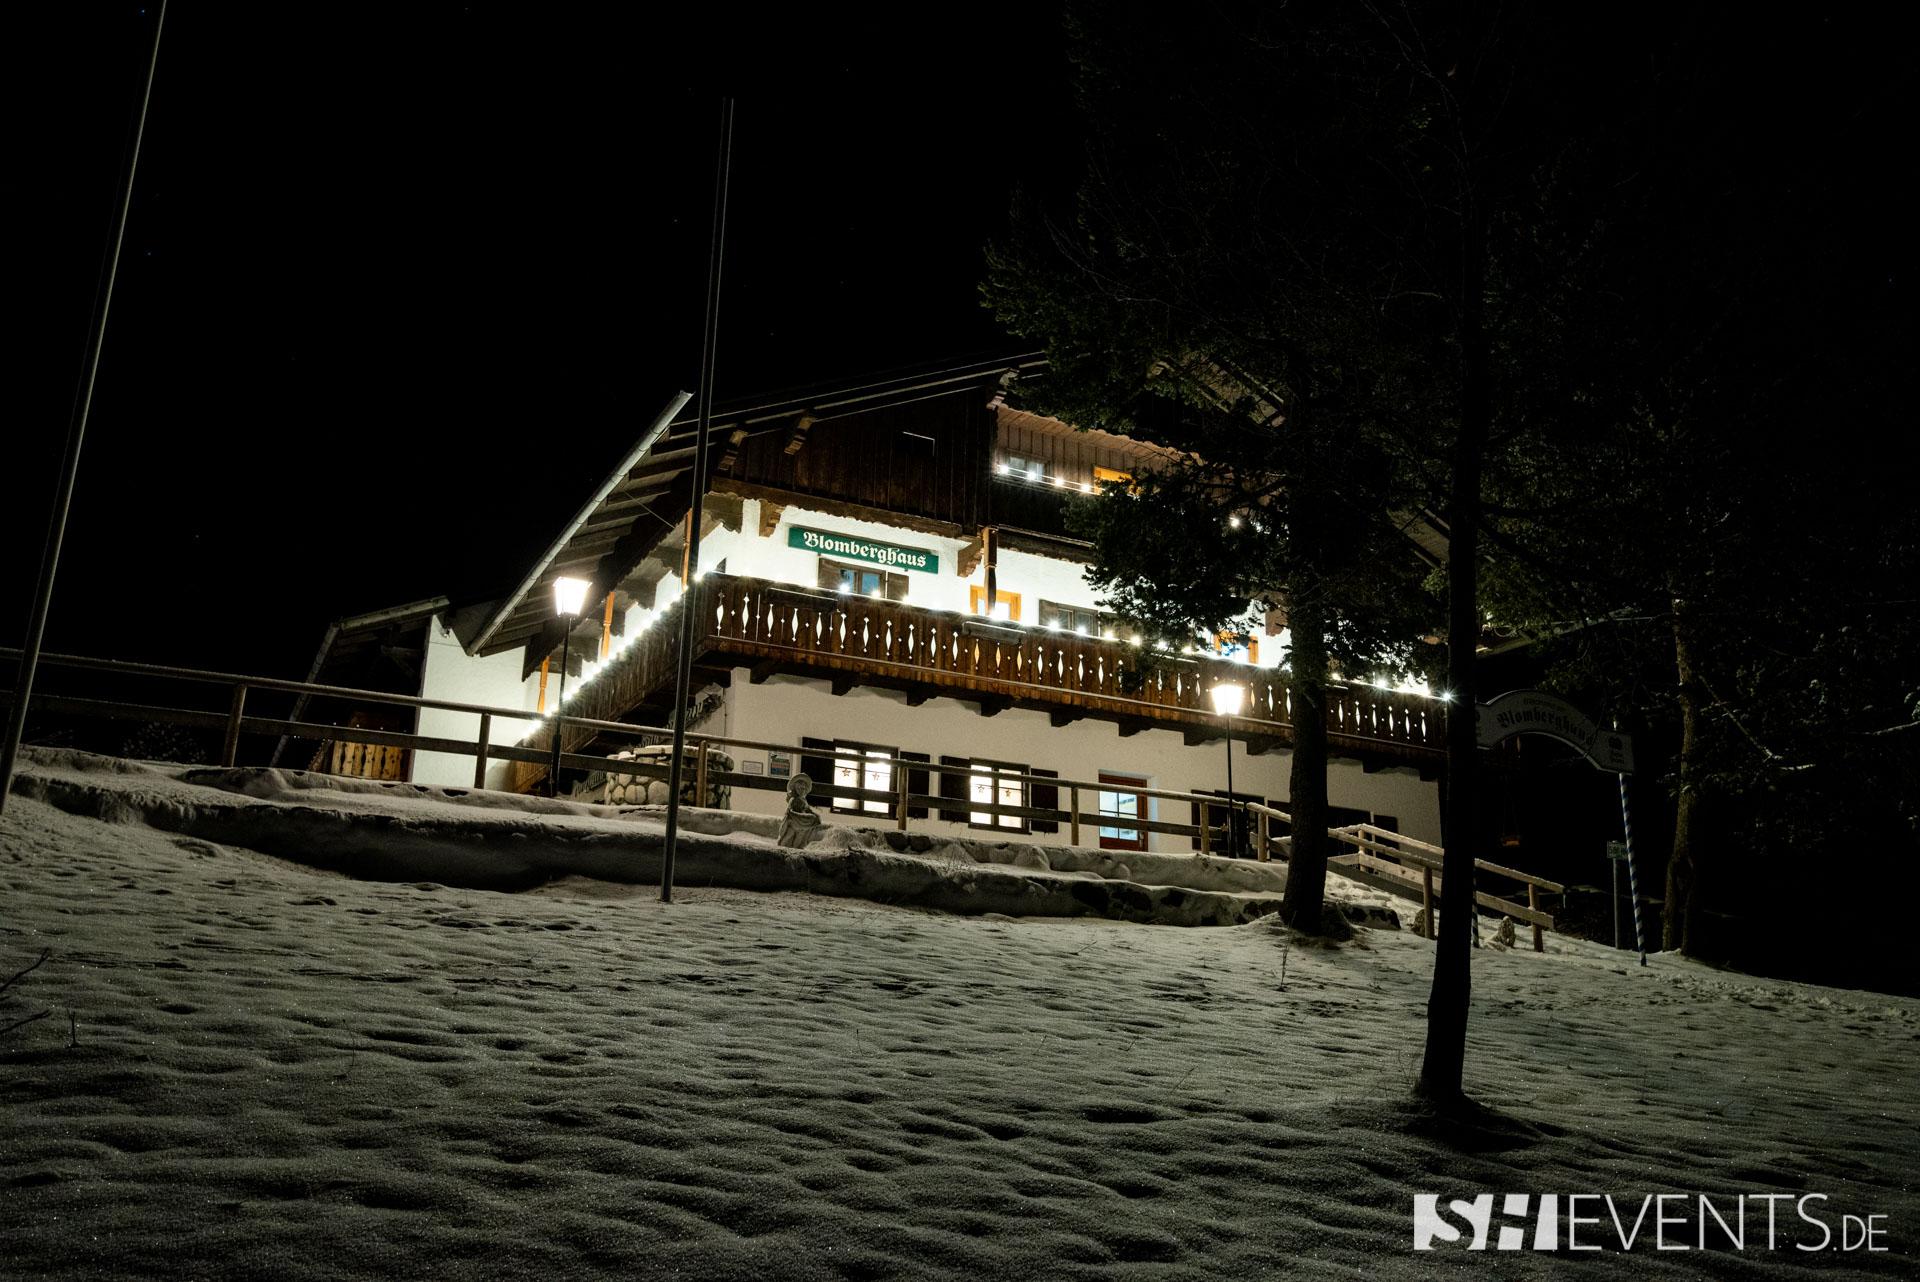 Hütte von Außen mit Schnee